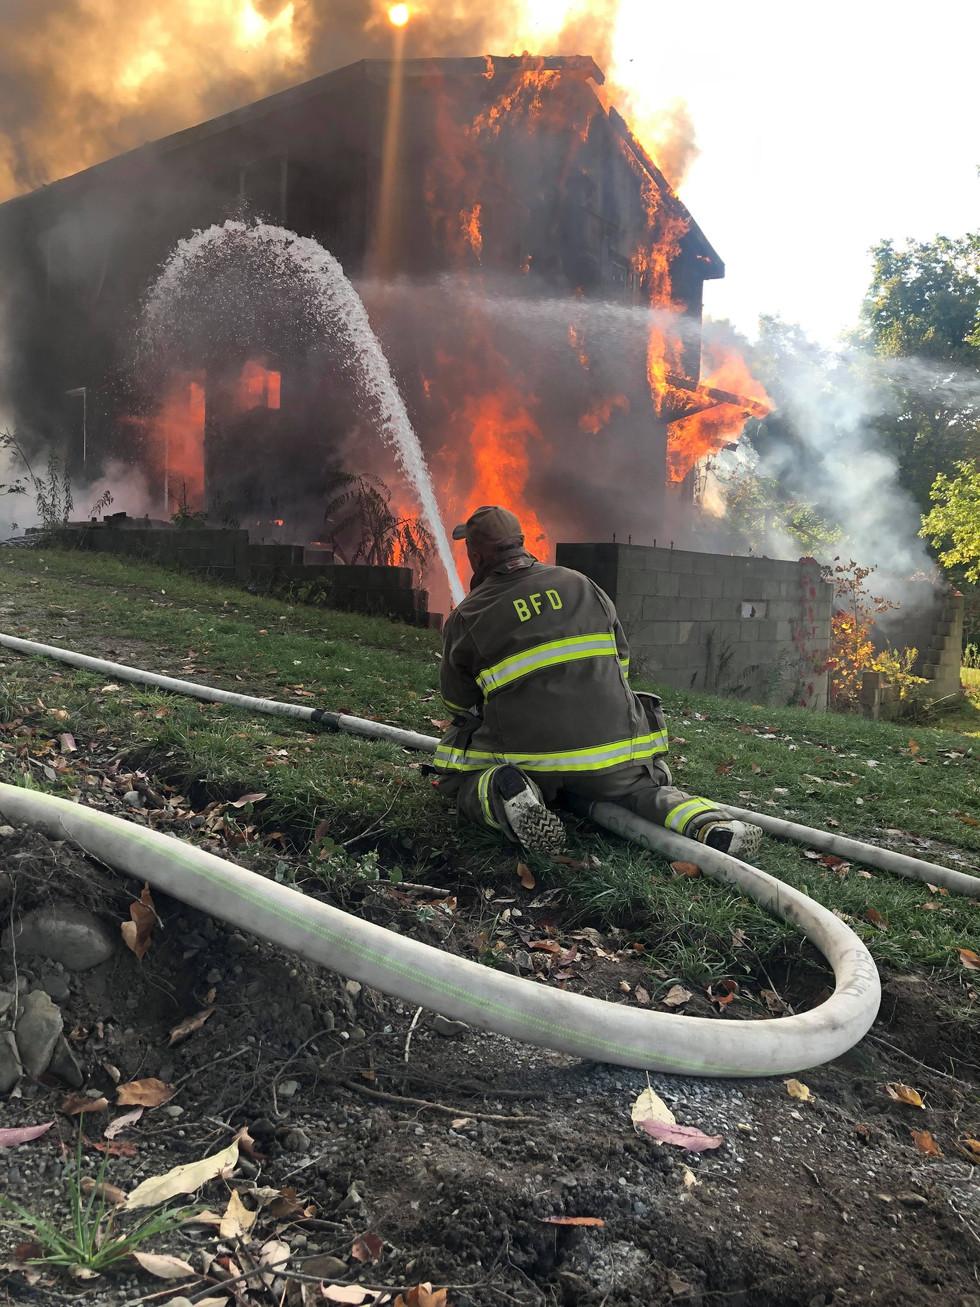 Firefighter Spaulding